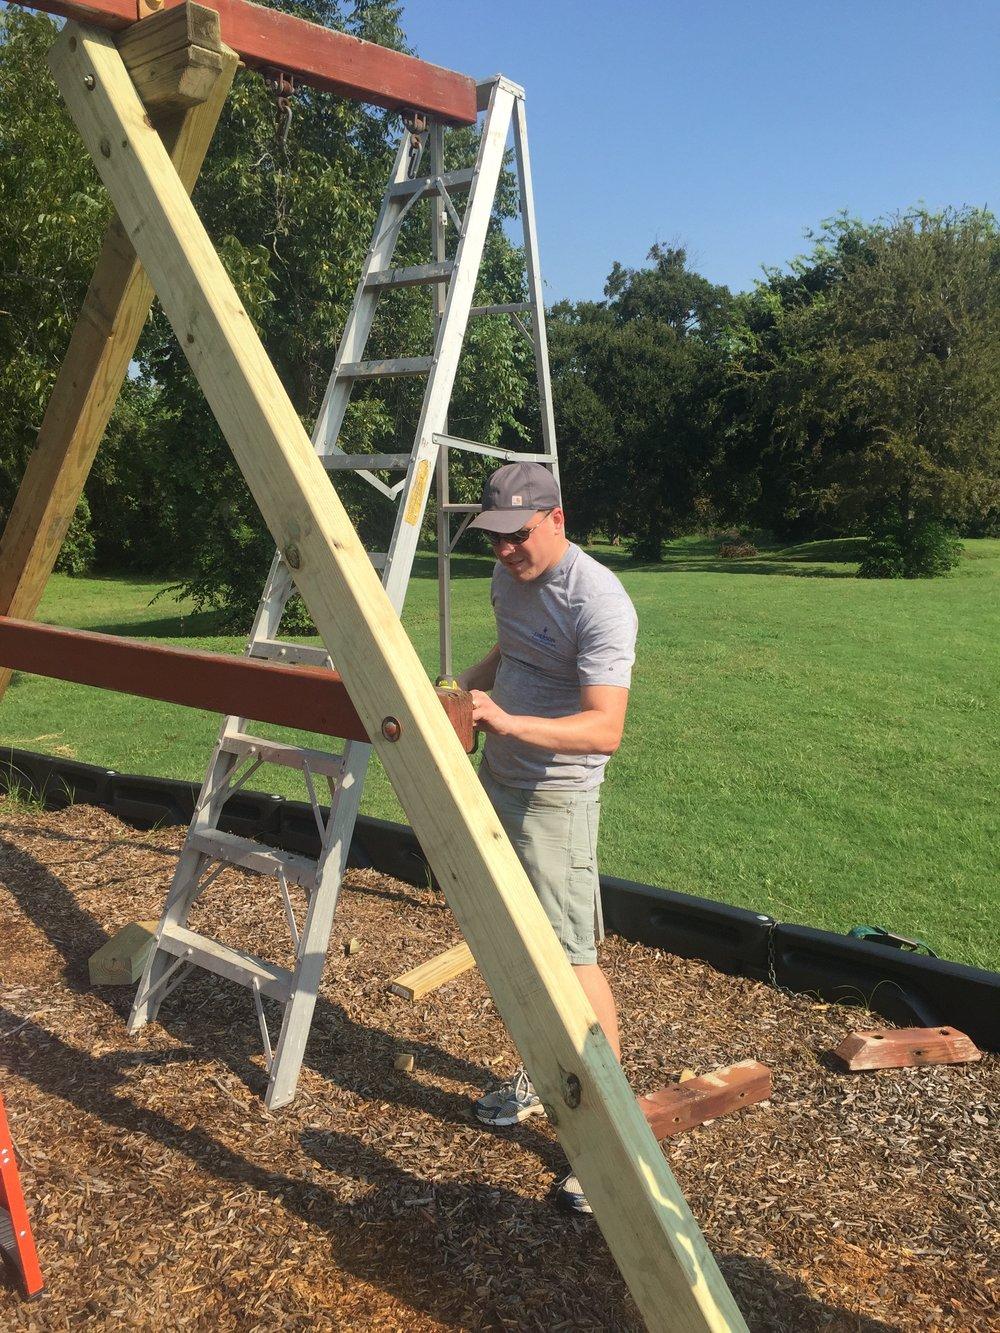 Volunteers repairing St. Martin's playground.